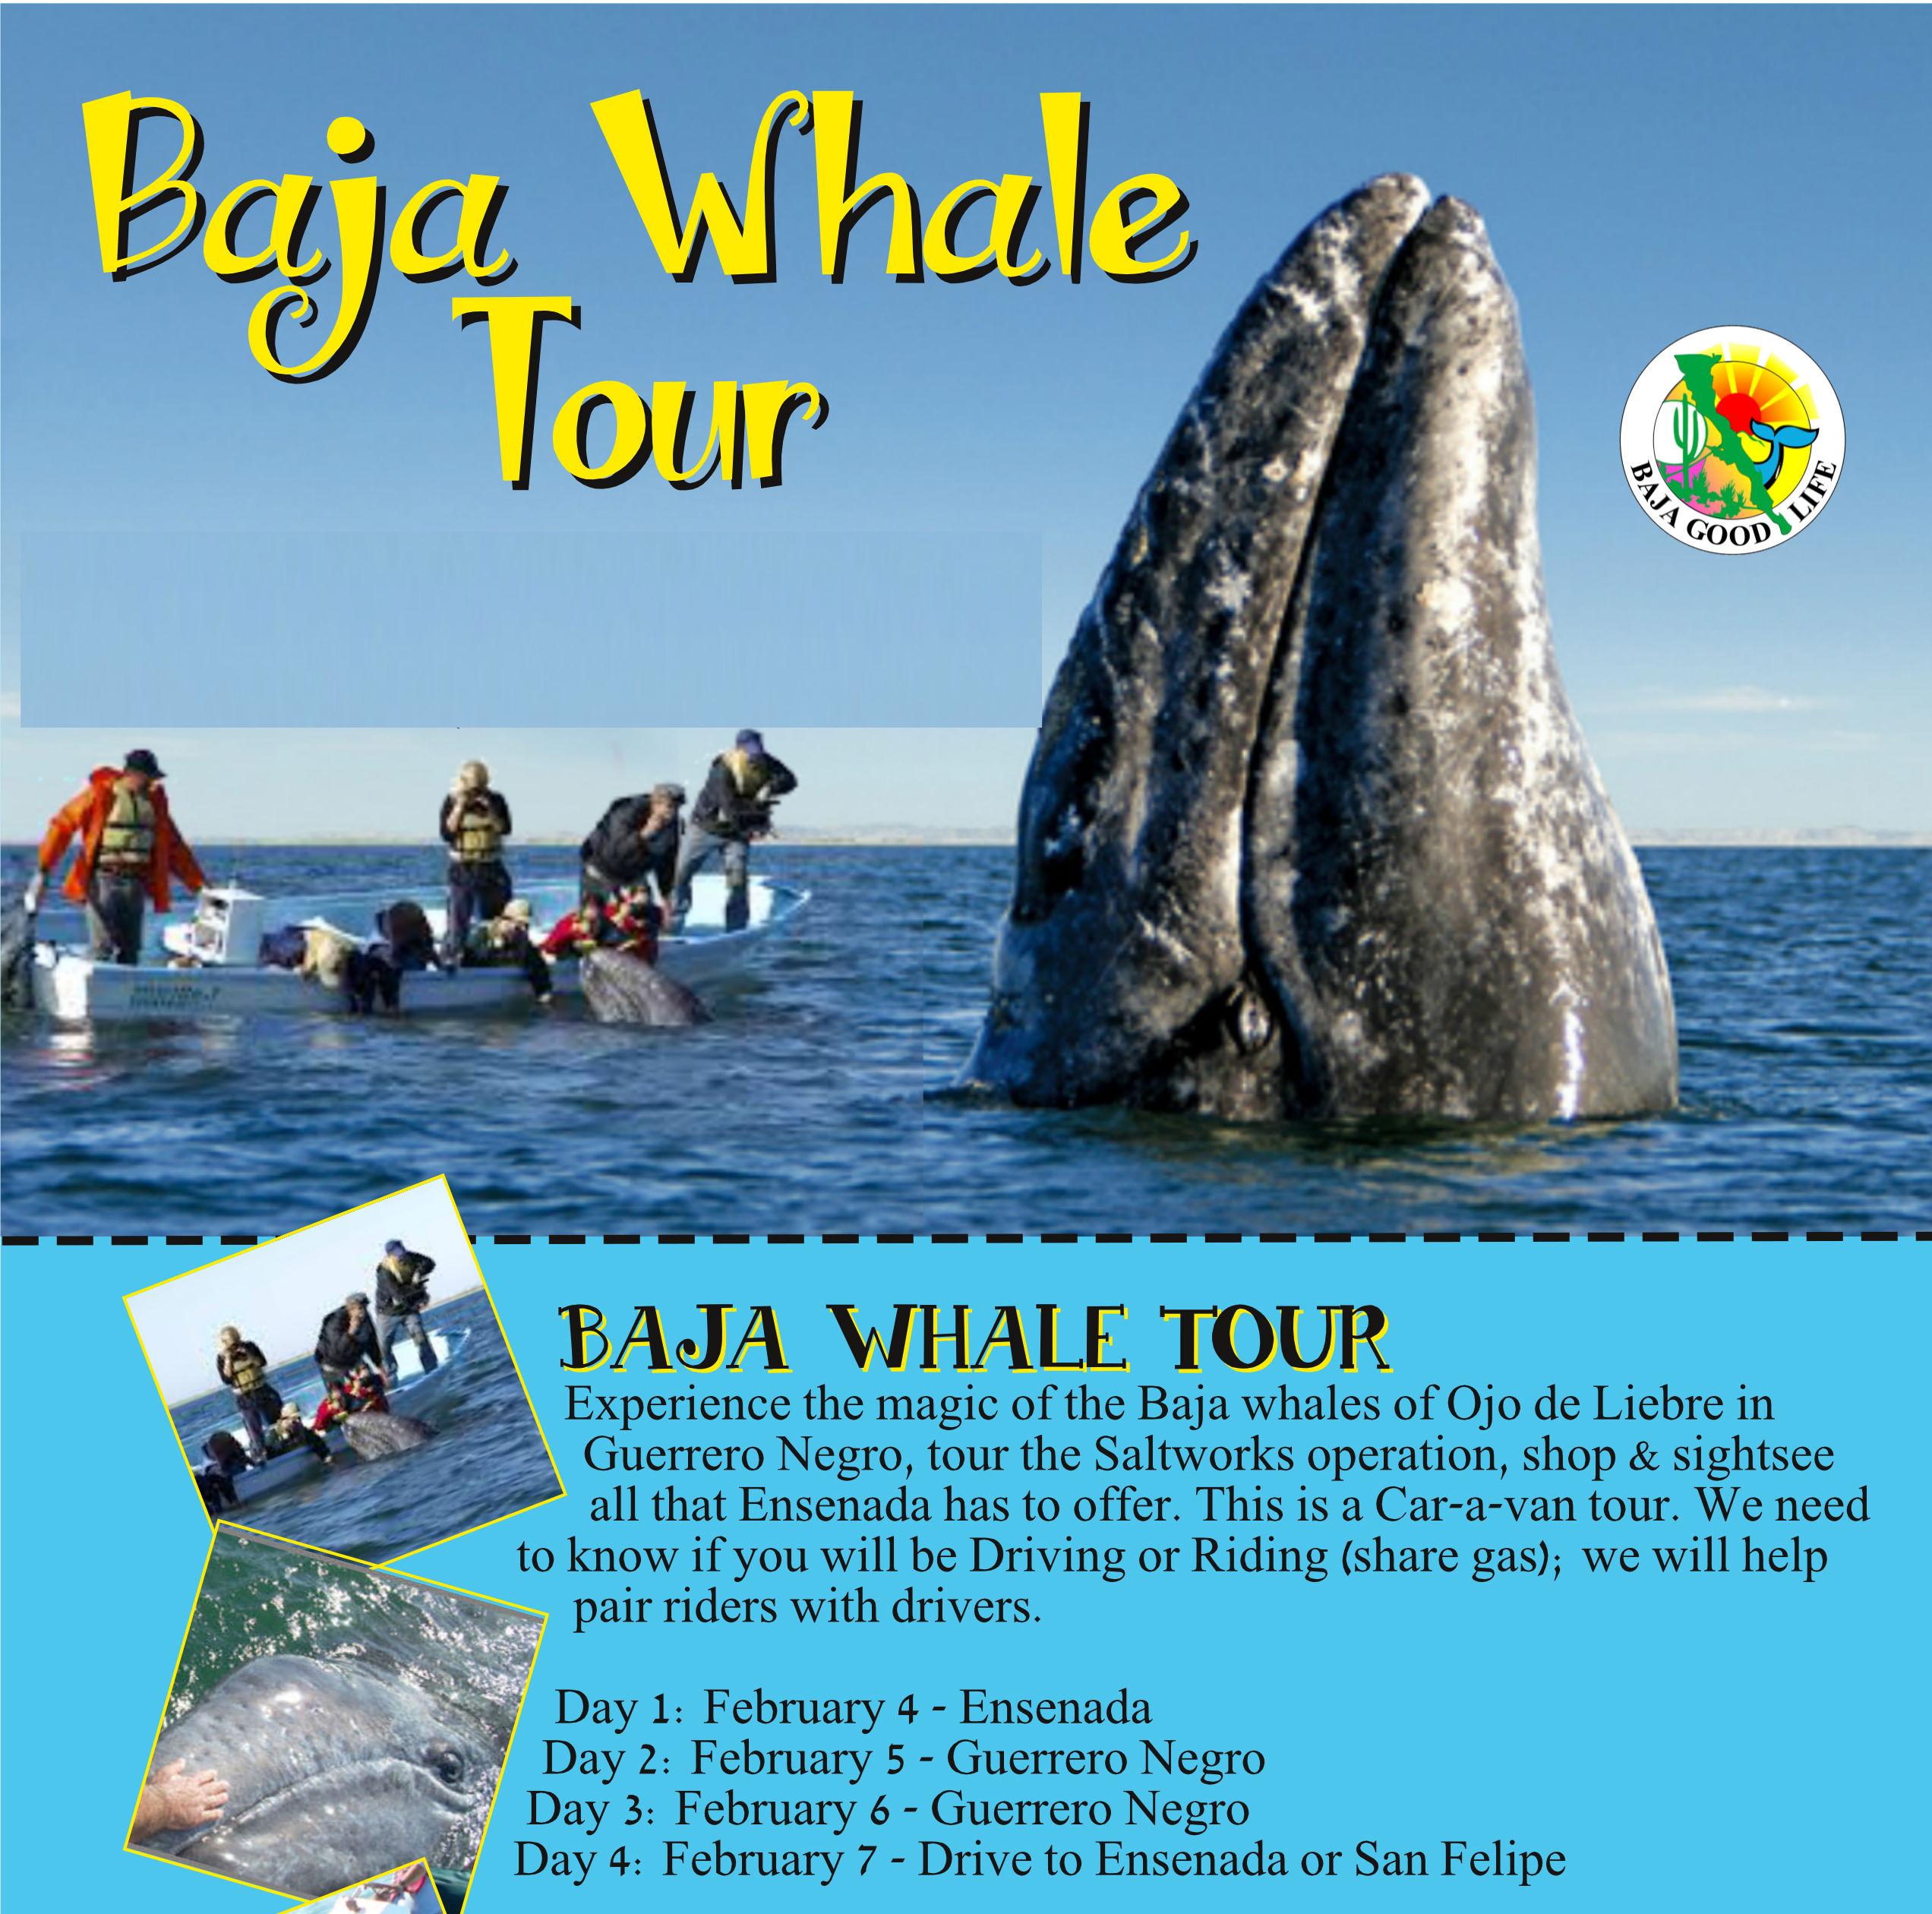 BGLC Whale Tour